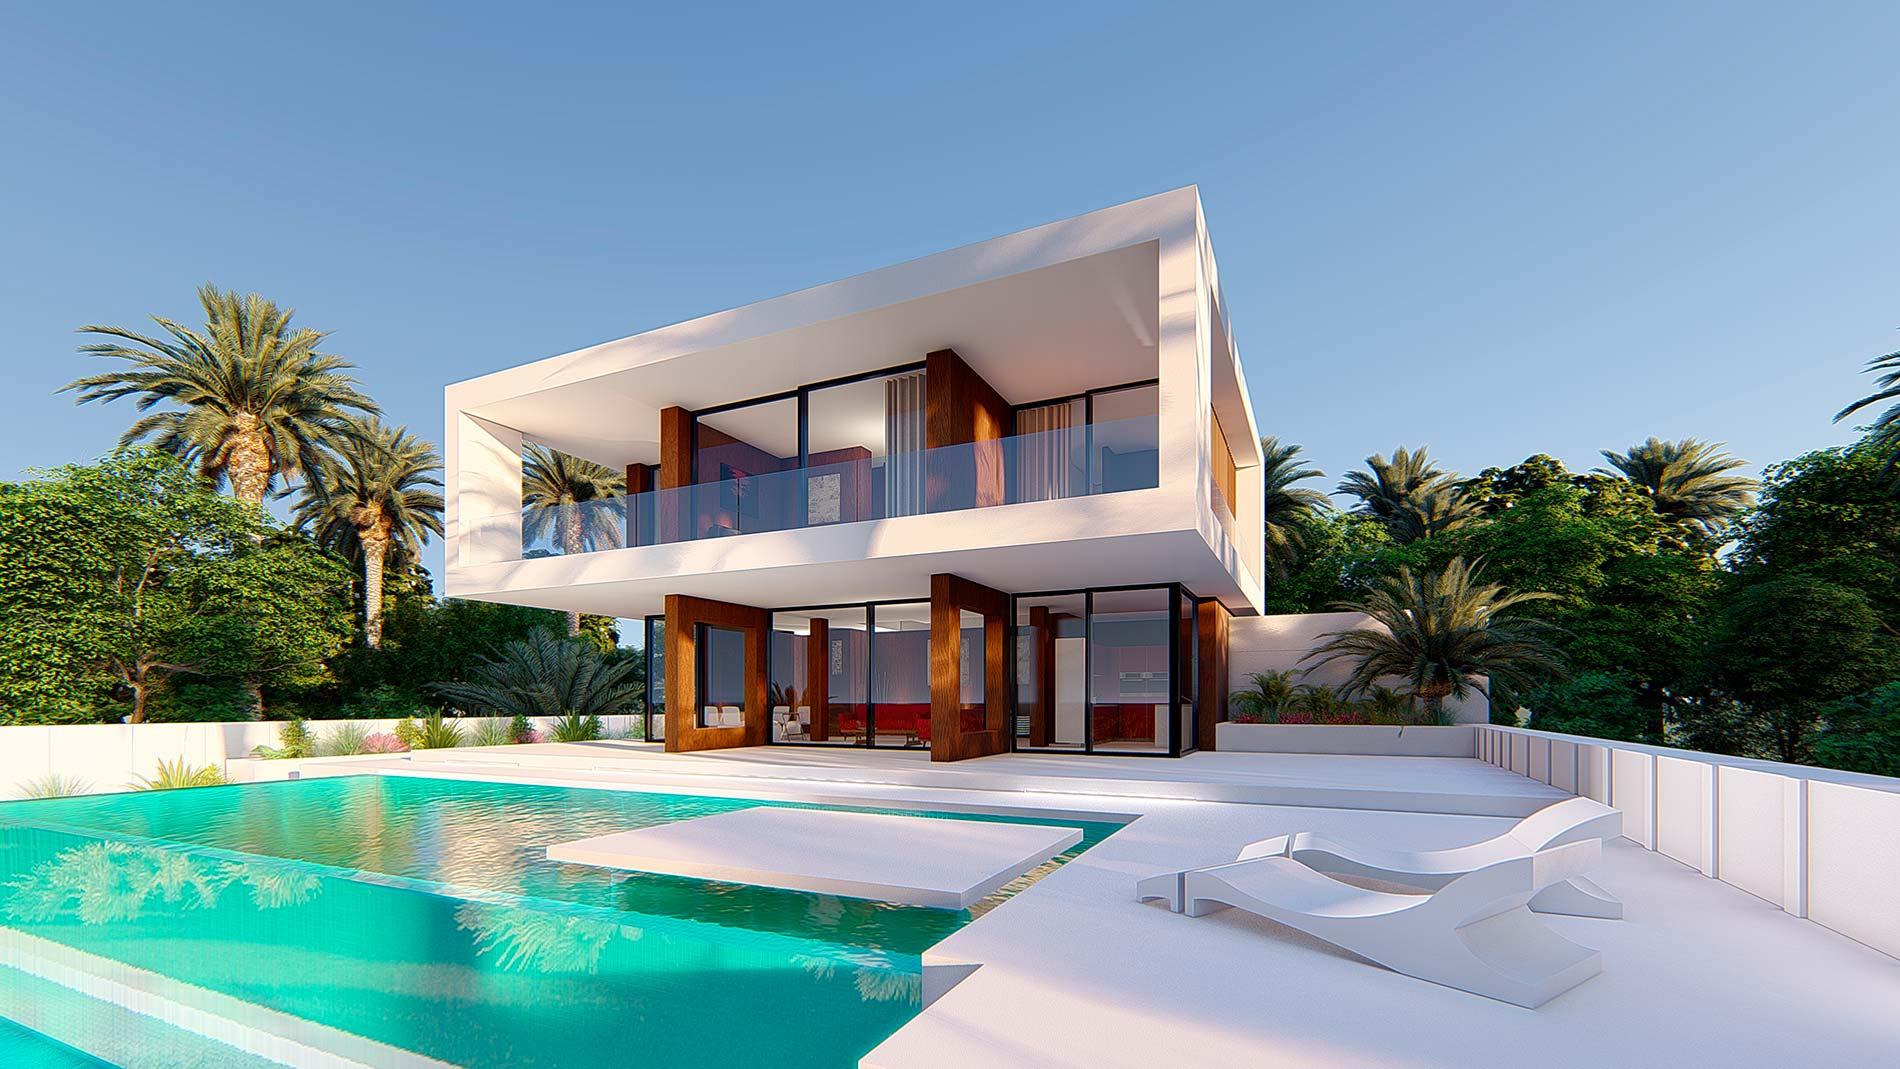 Valle-Romano-26-Pool-facade-2.jpg